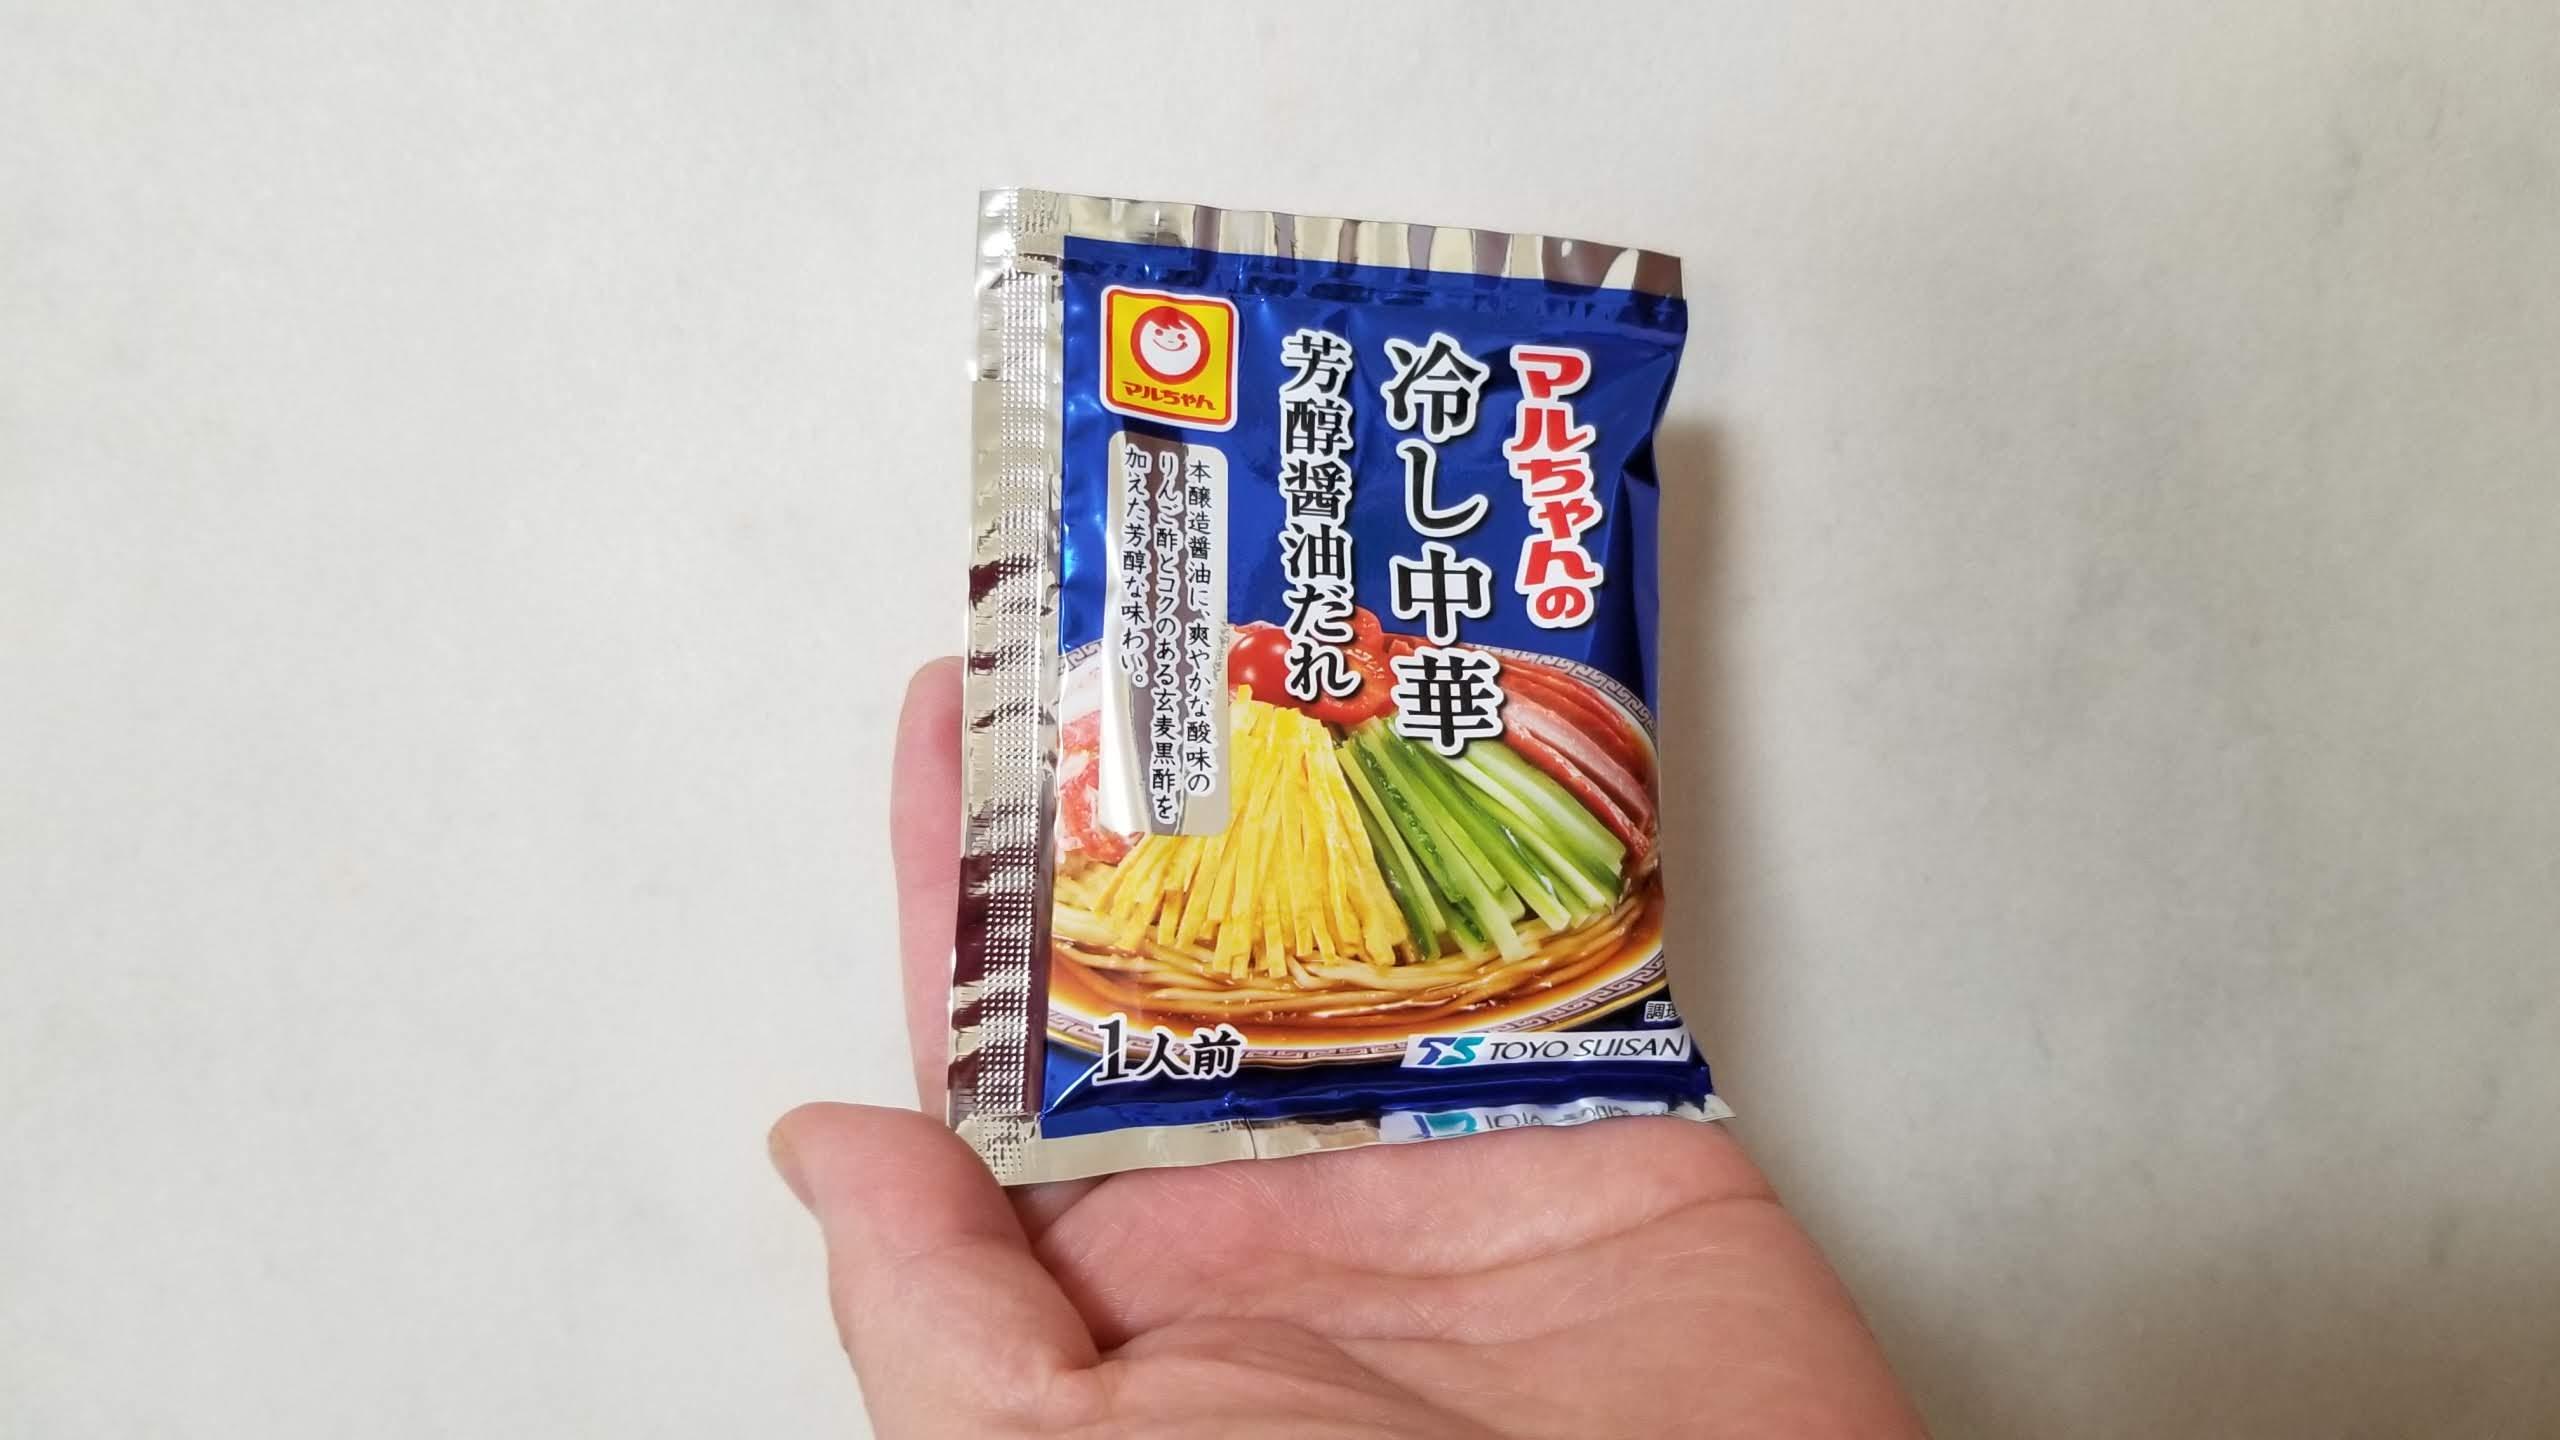 マルちゃんの冷やし中華芳醇醤油だれ1人前(スープ単品)/東洋水産_20200426_131552